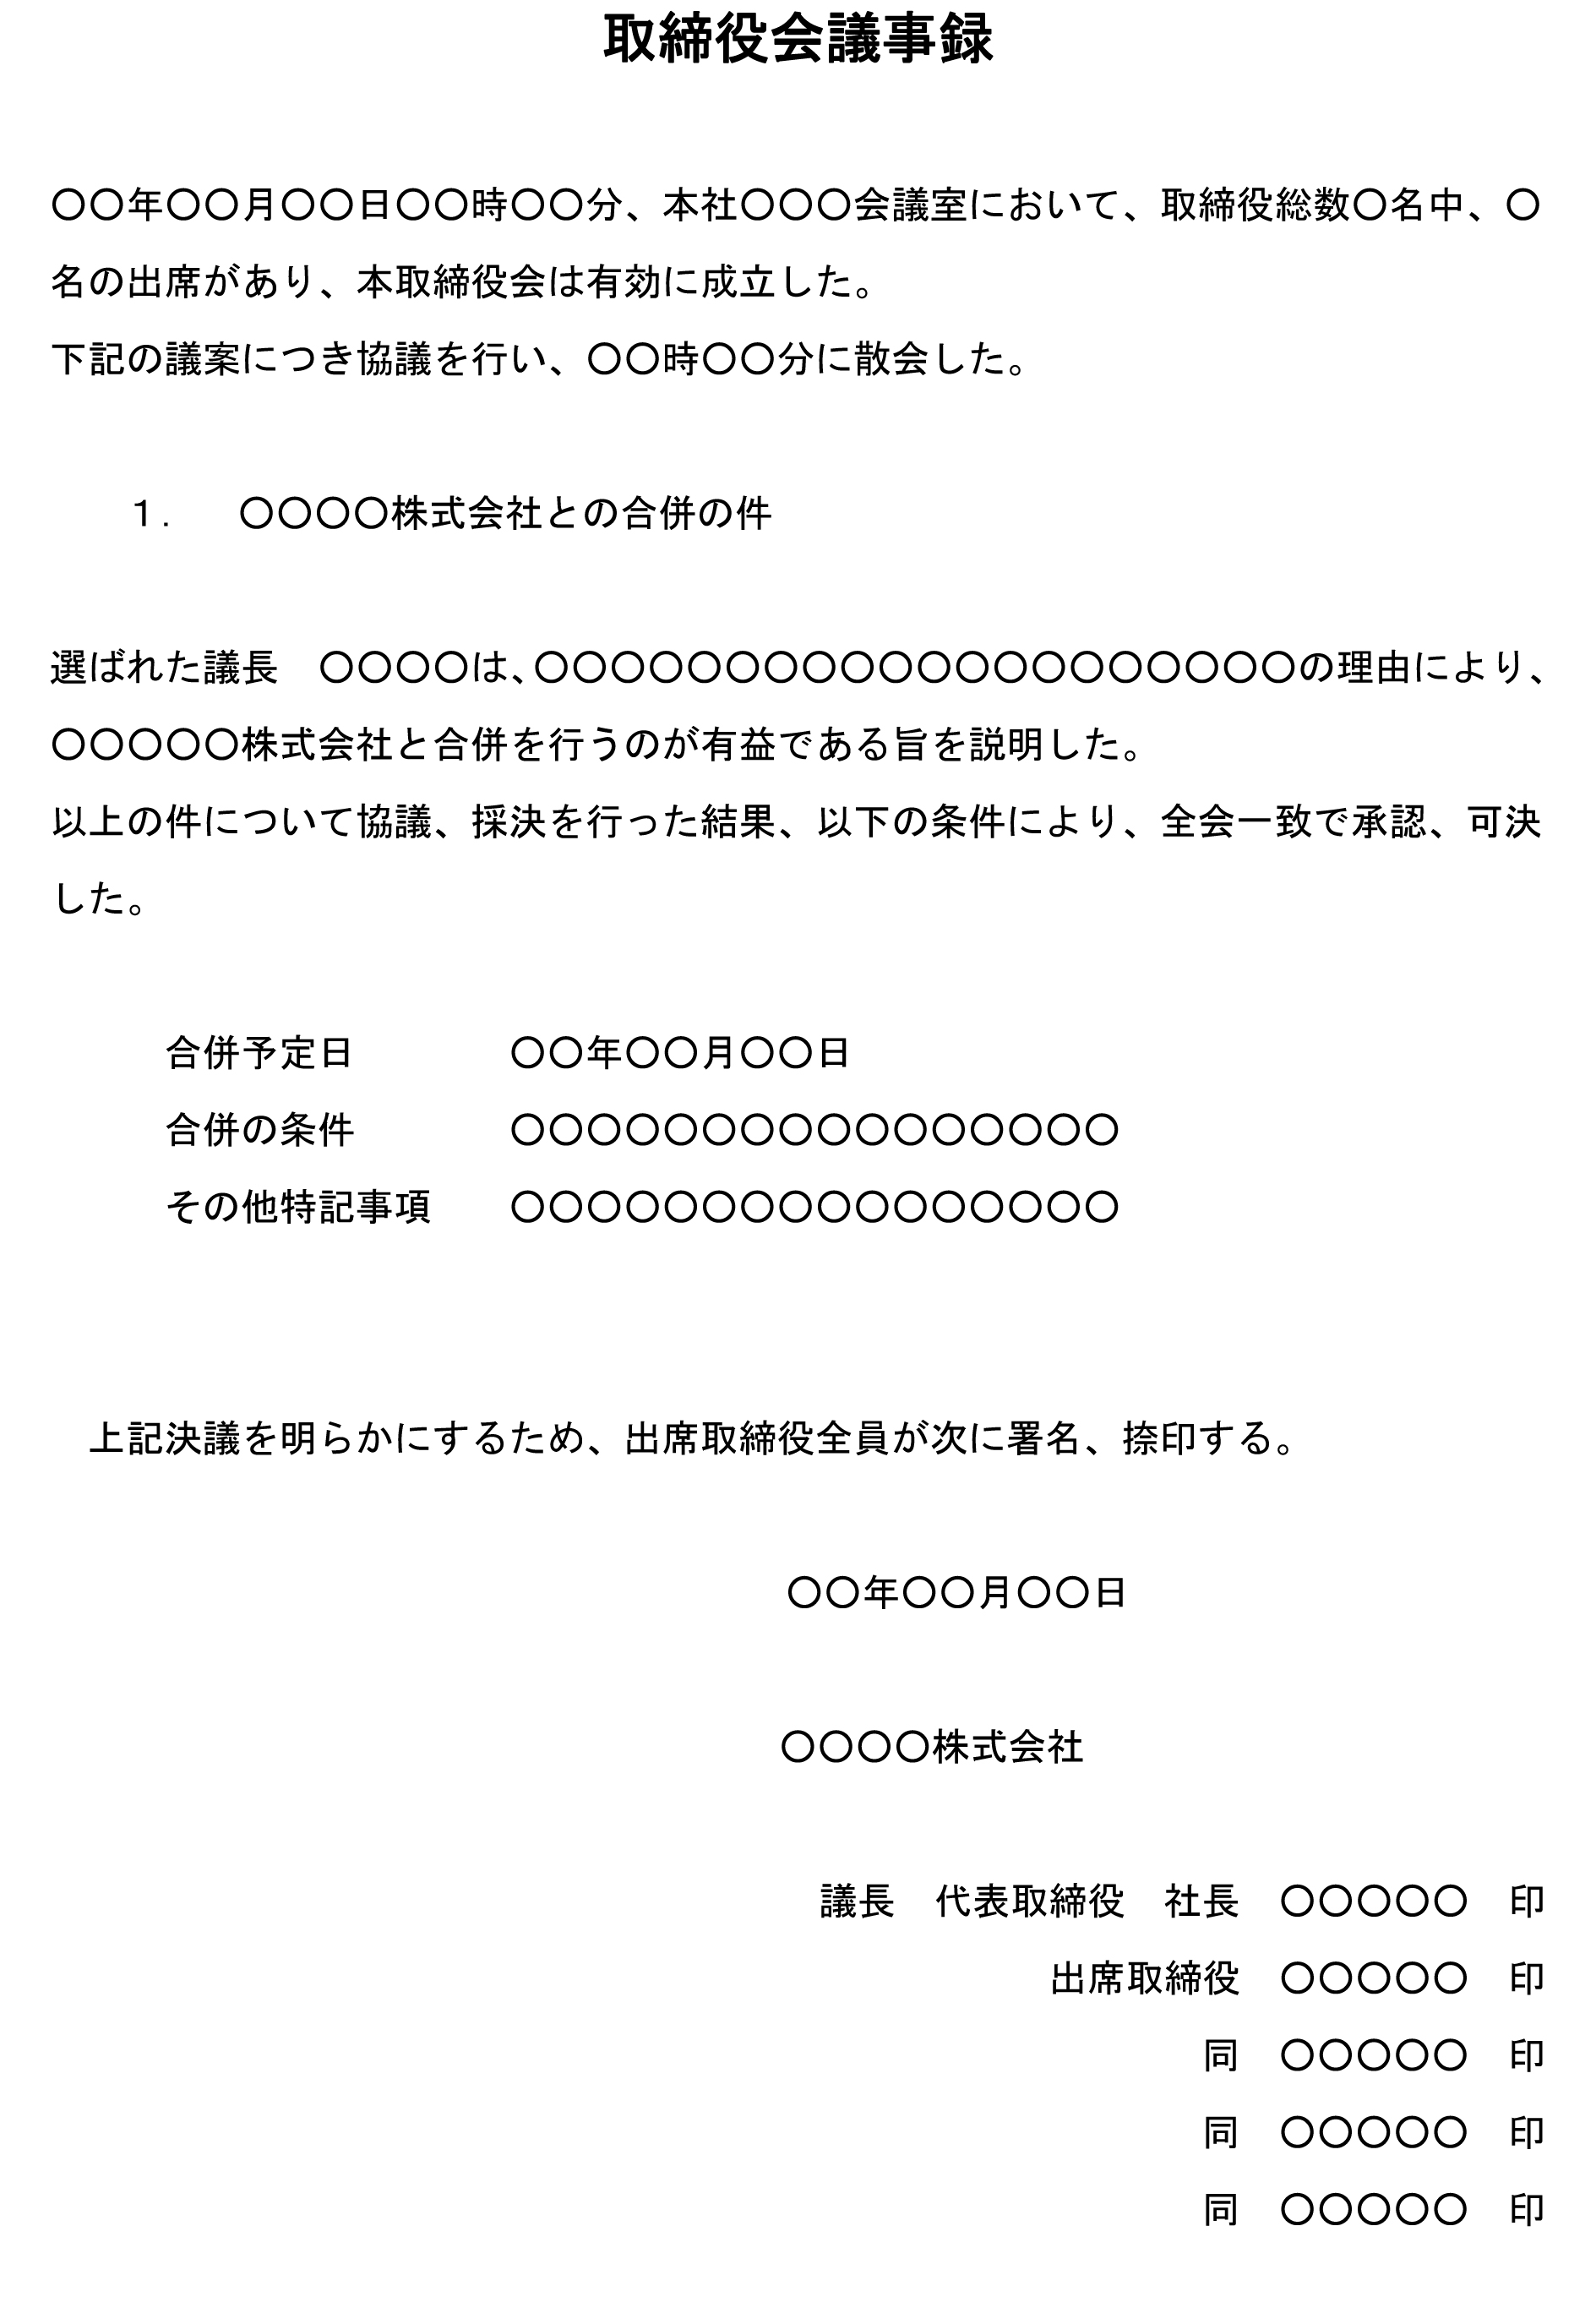 取締役会議事録(他社との合併)02